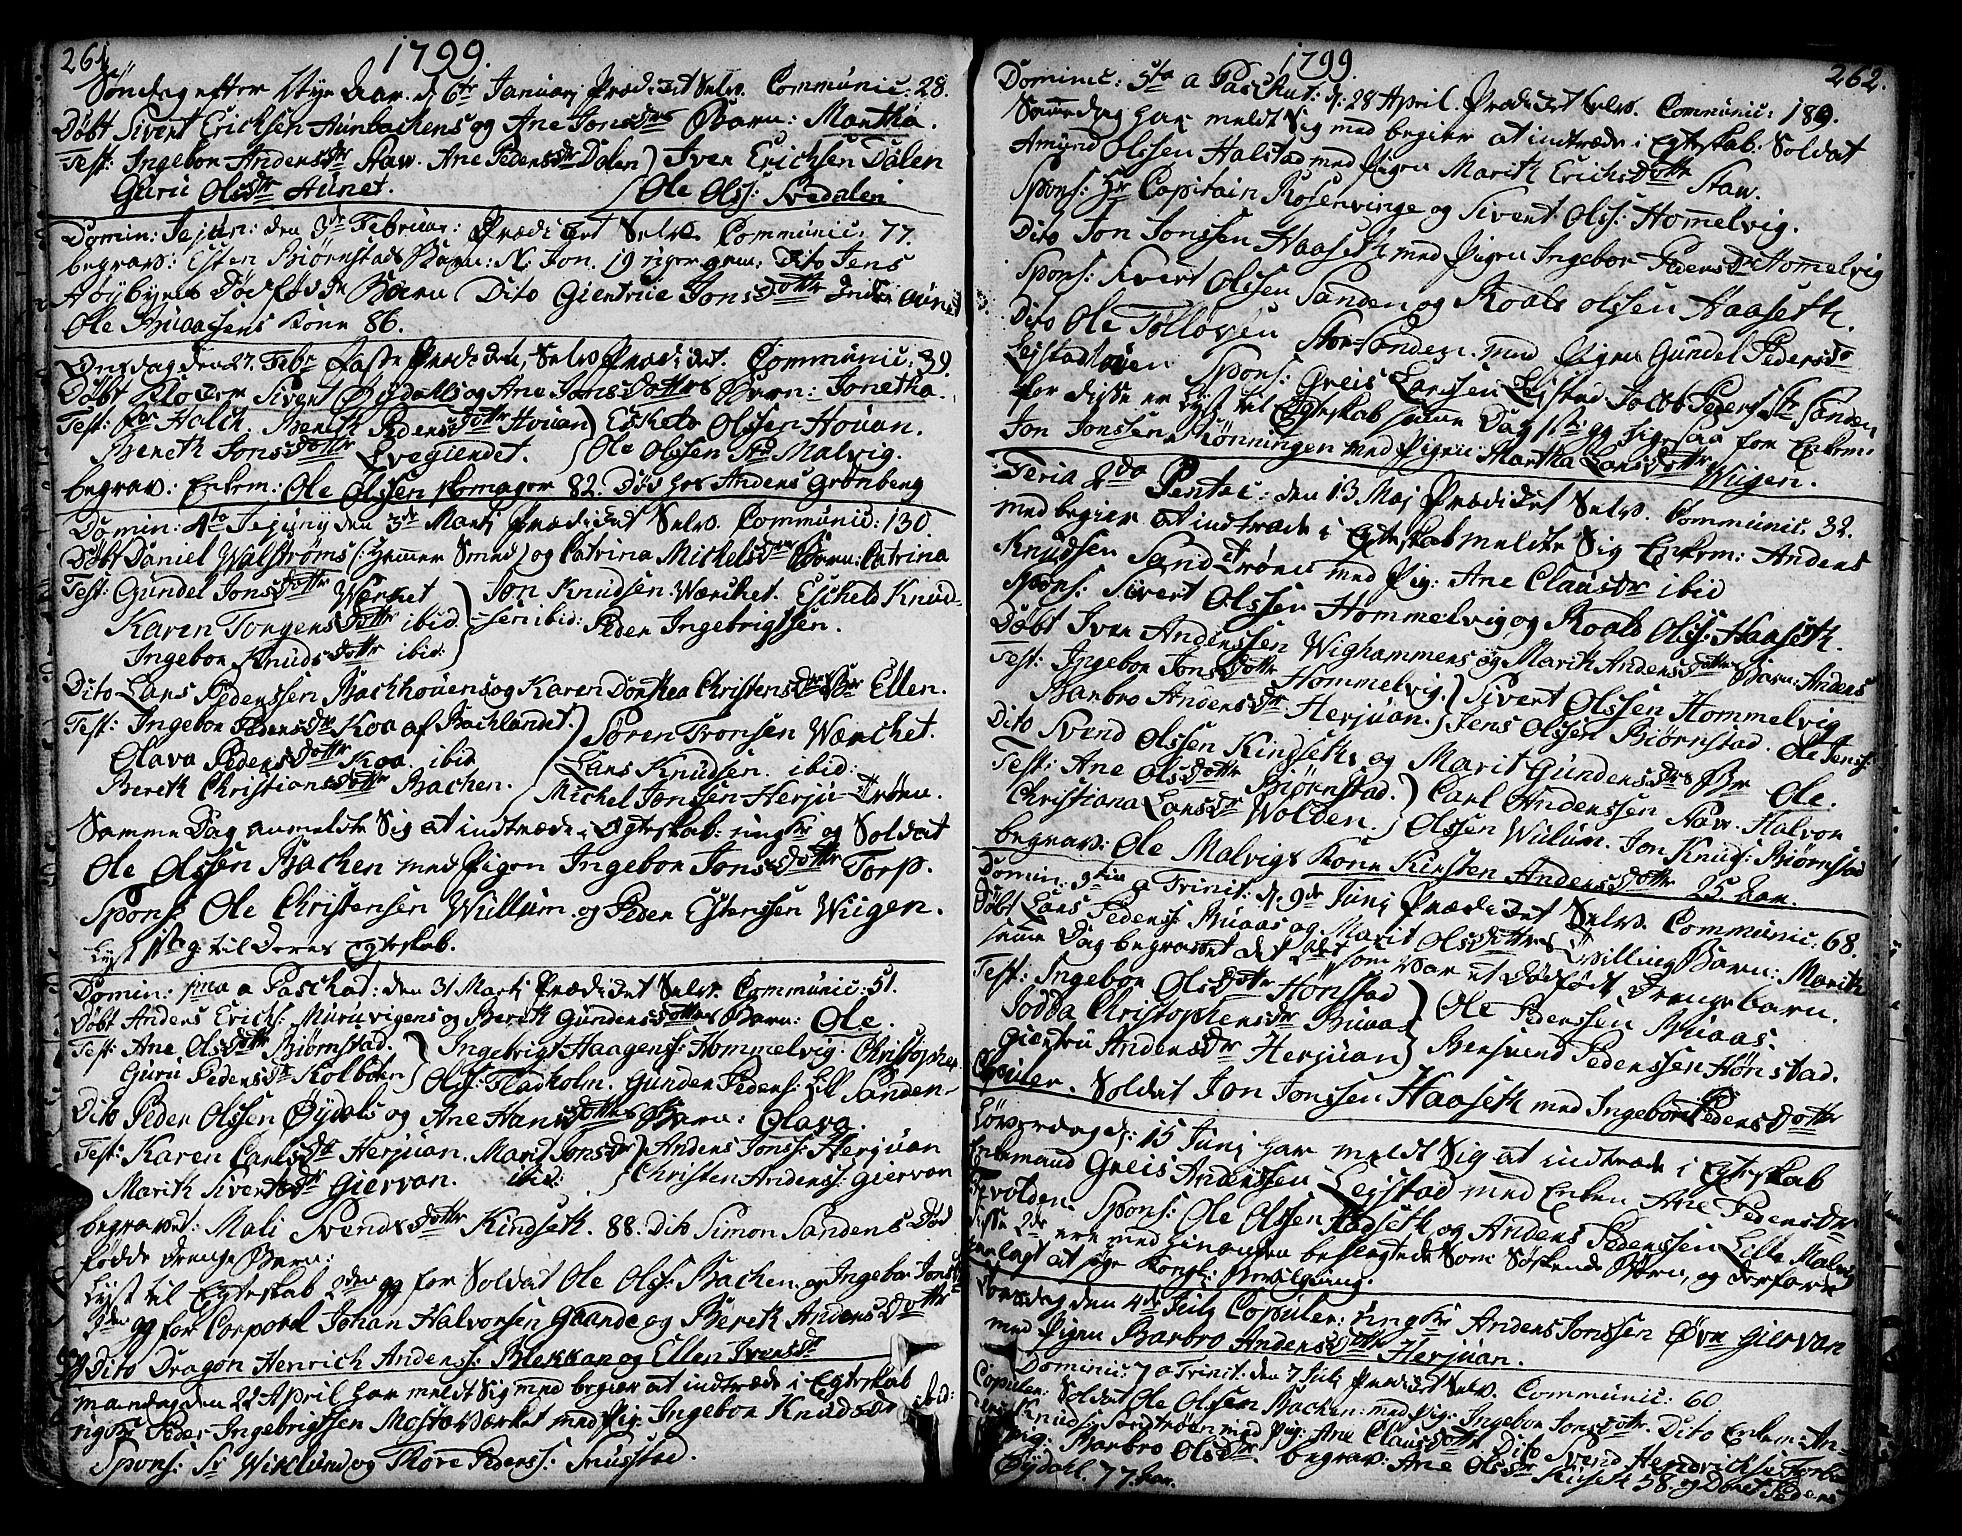 SAT, Ministerialprotokoller, klokkerbøker og fødselsregistre - Sør-Trøndelag, 606/L0281: Ministerialbok nr. 606A02 /2, 1781-1817, s. 261-262